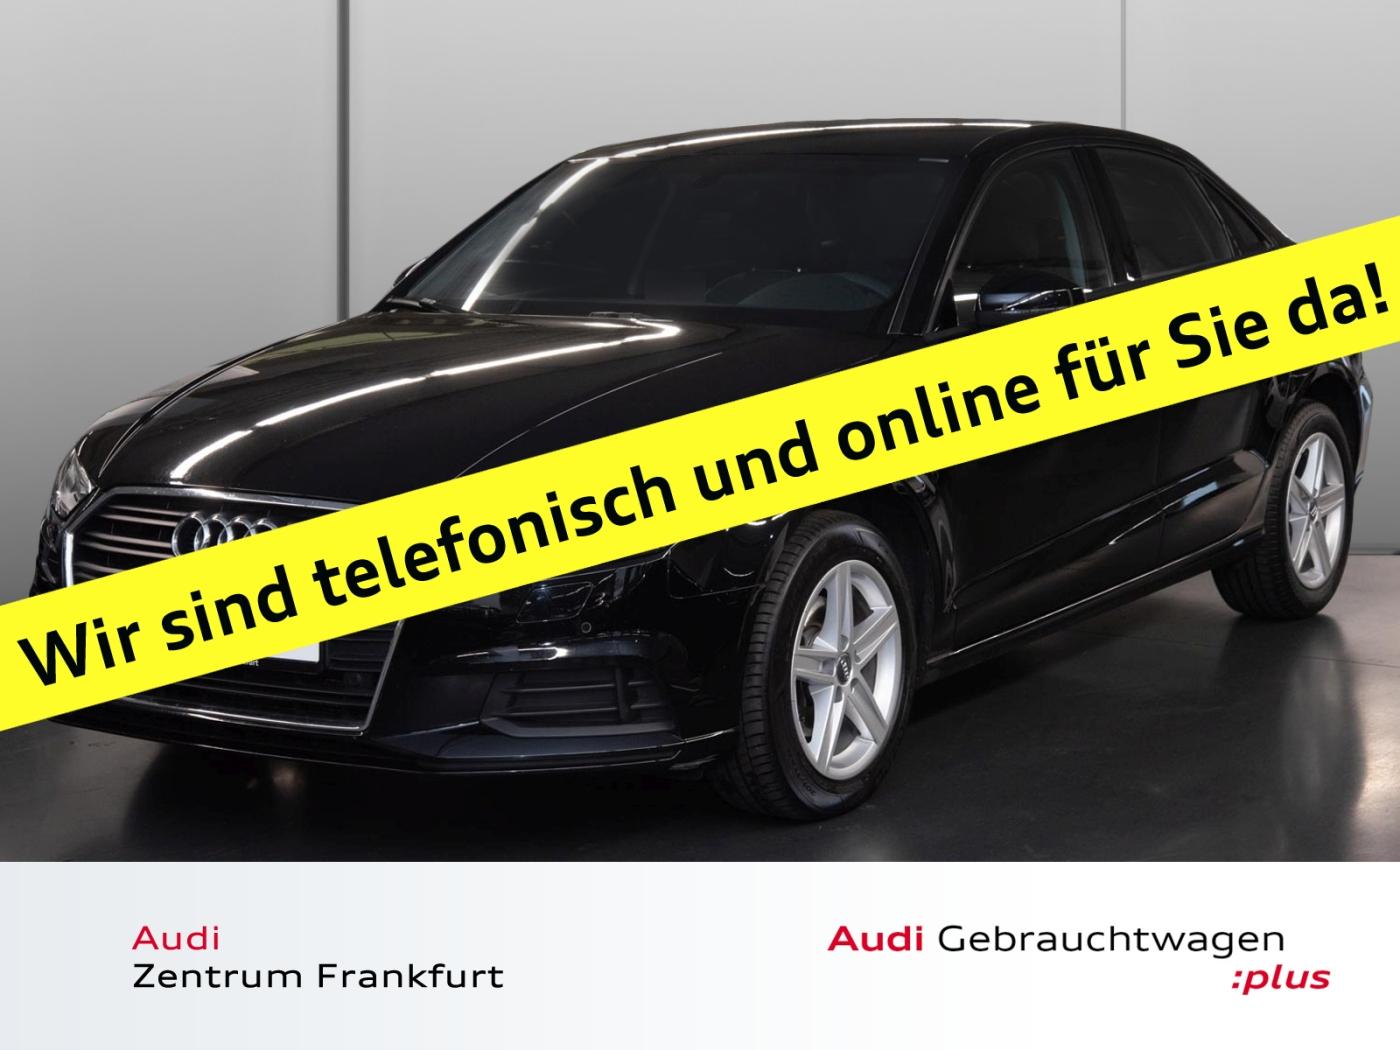 Audi A3 Limousine 1.6 TDI S tronic Navi Xenon PDC Sit, Jahr 2017, Diesel